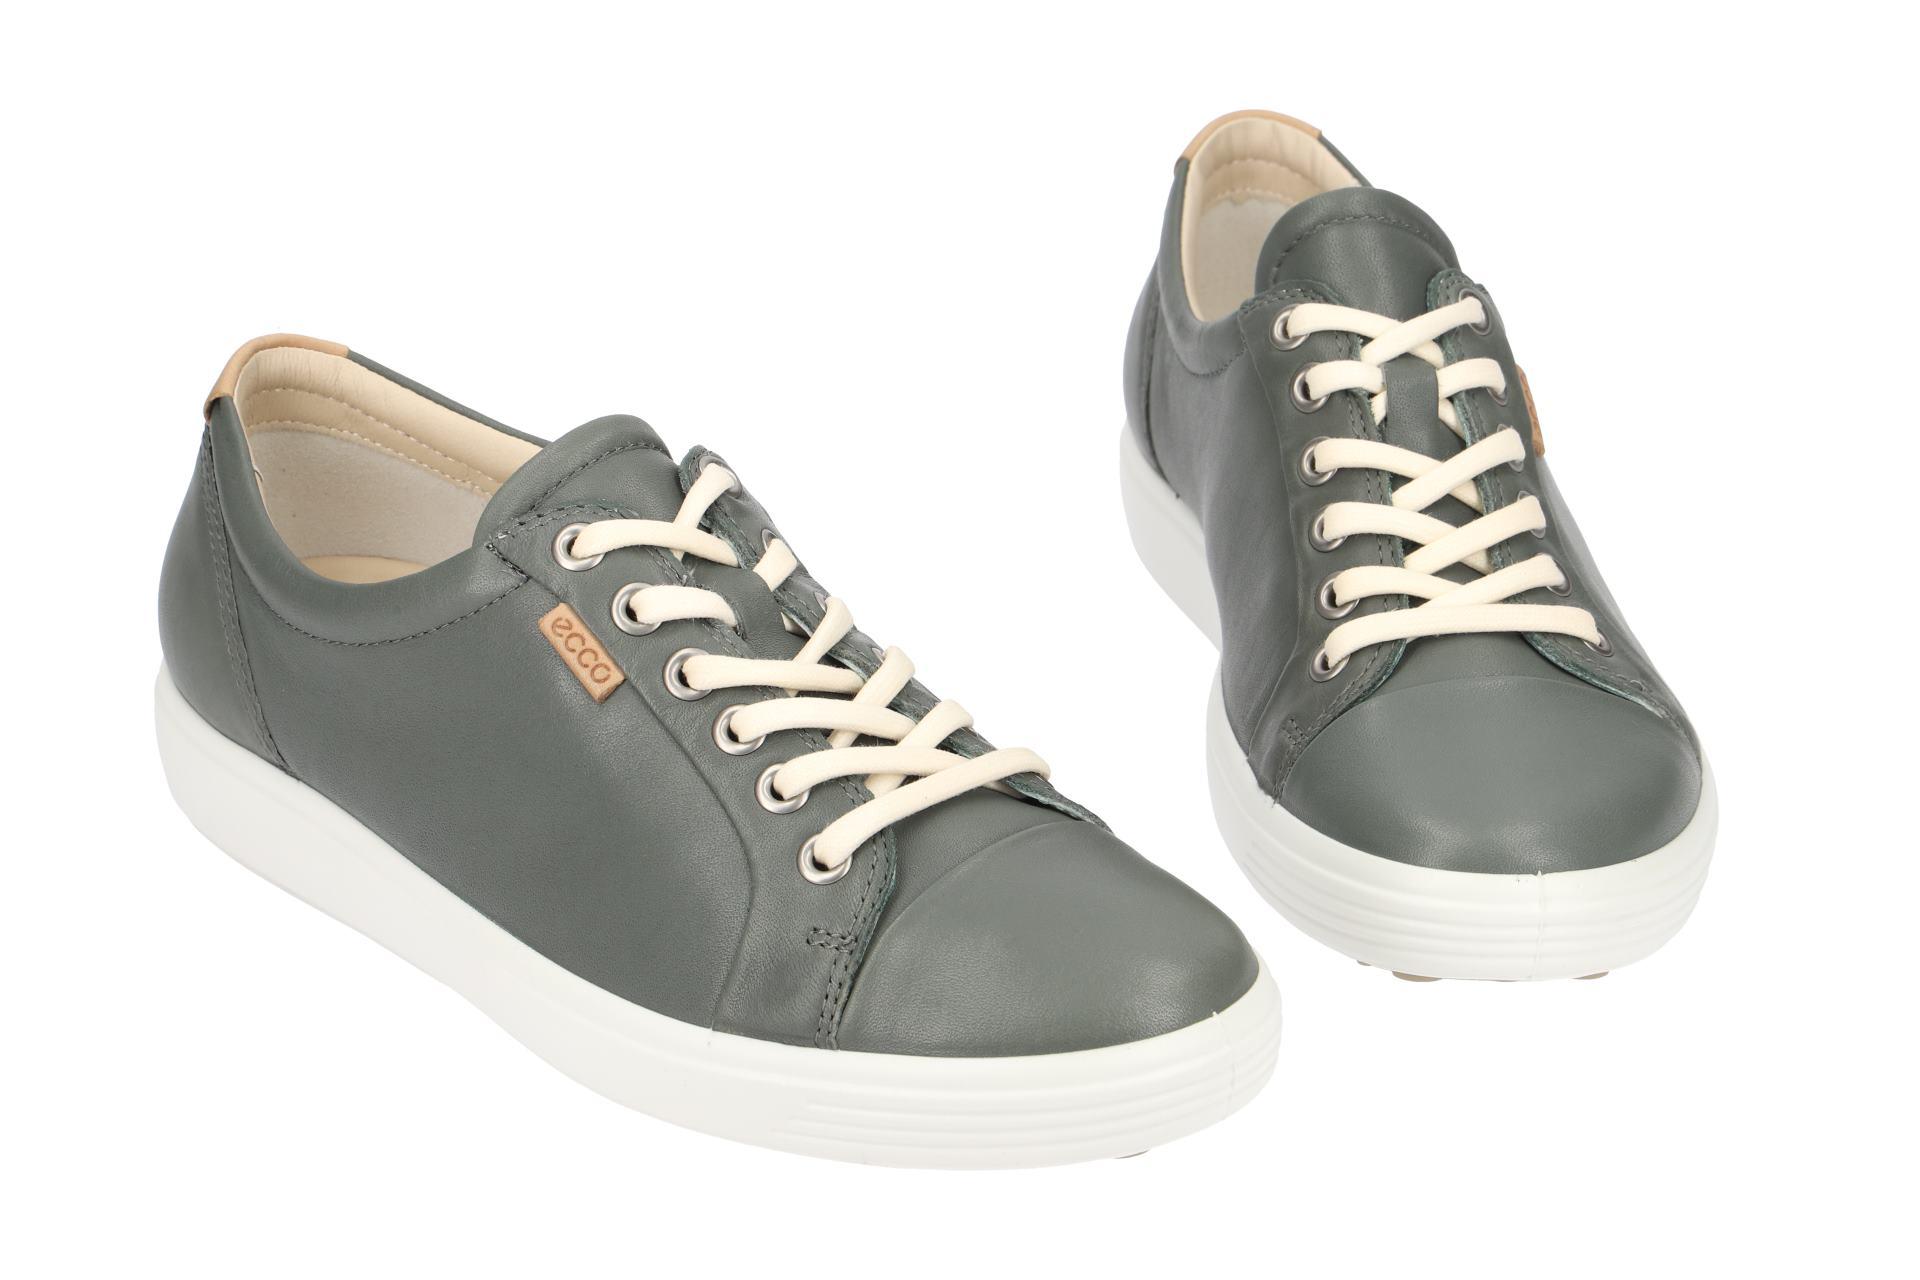 9da92f1b393f01 Ecco Schuhe SOFT 7 LADIES grau Damenschuhe 43000301232 NEU